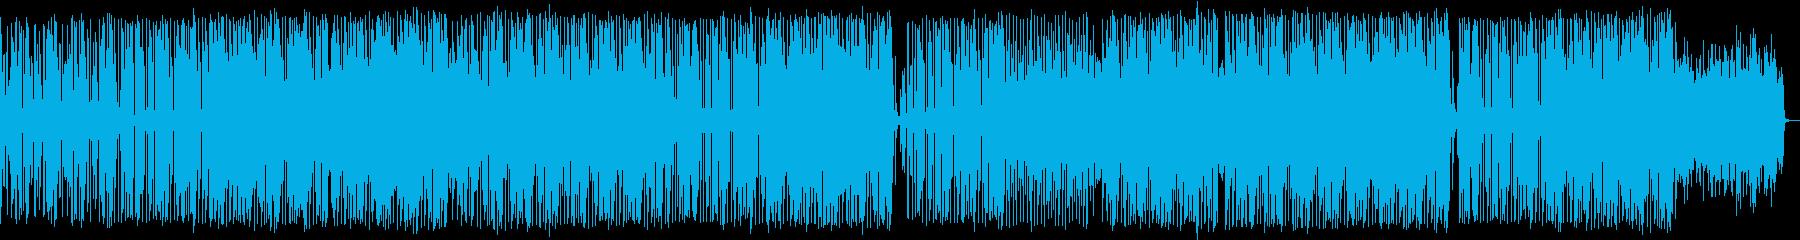 ギャングラップ 積極的 焦り 神経...の再生済みの波形